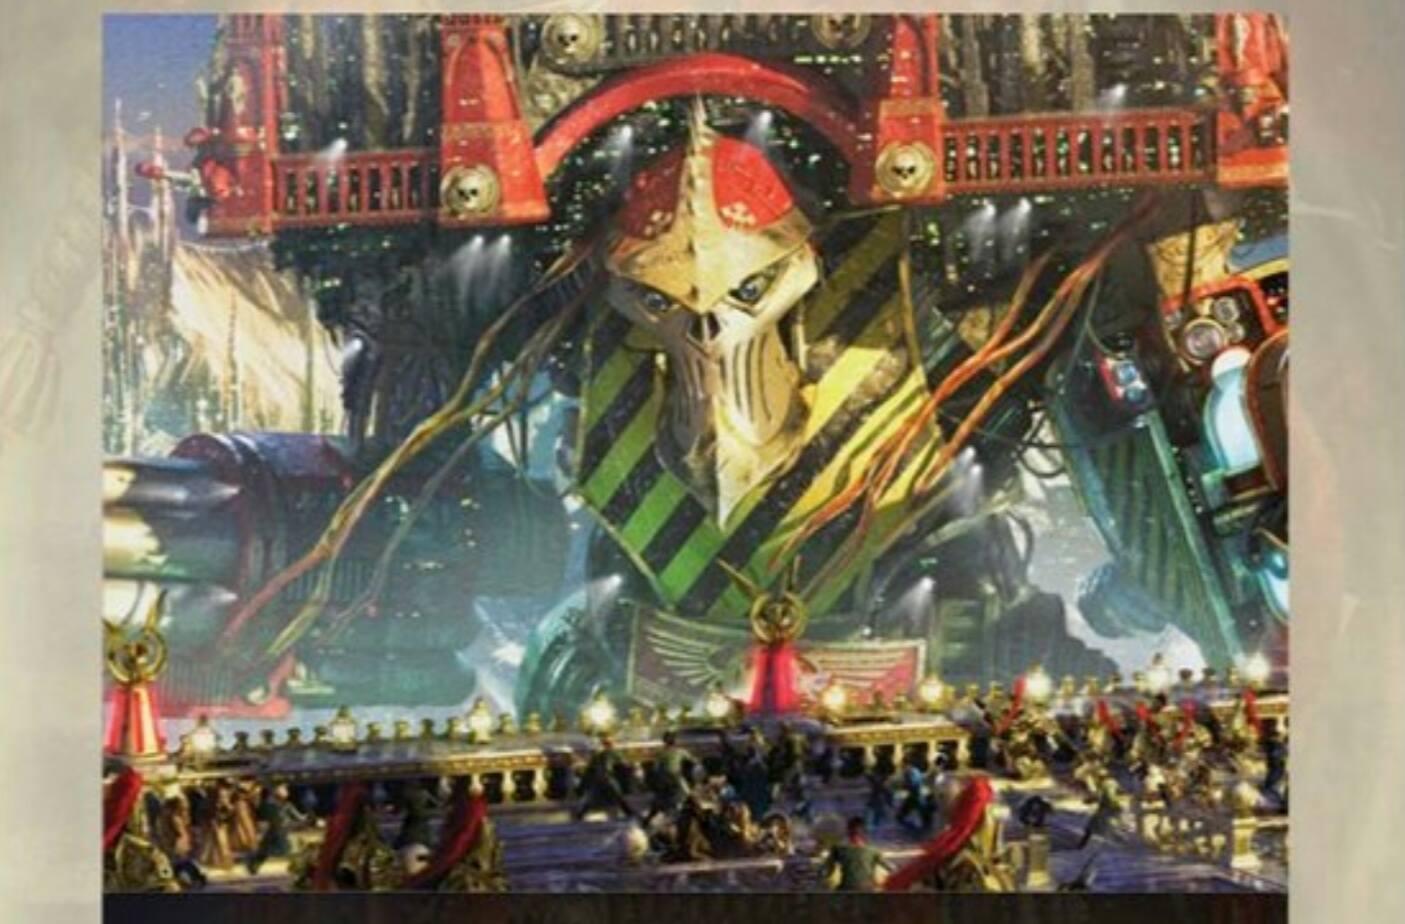 [W30K] Collections d'images : l'Hérésie d'Horus - Généralités et divers - Page 7 1396021491893912450957855513855675963101682889029o